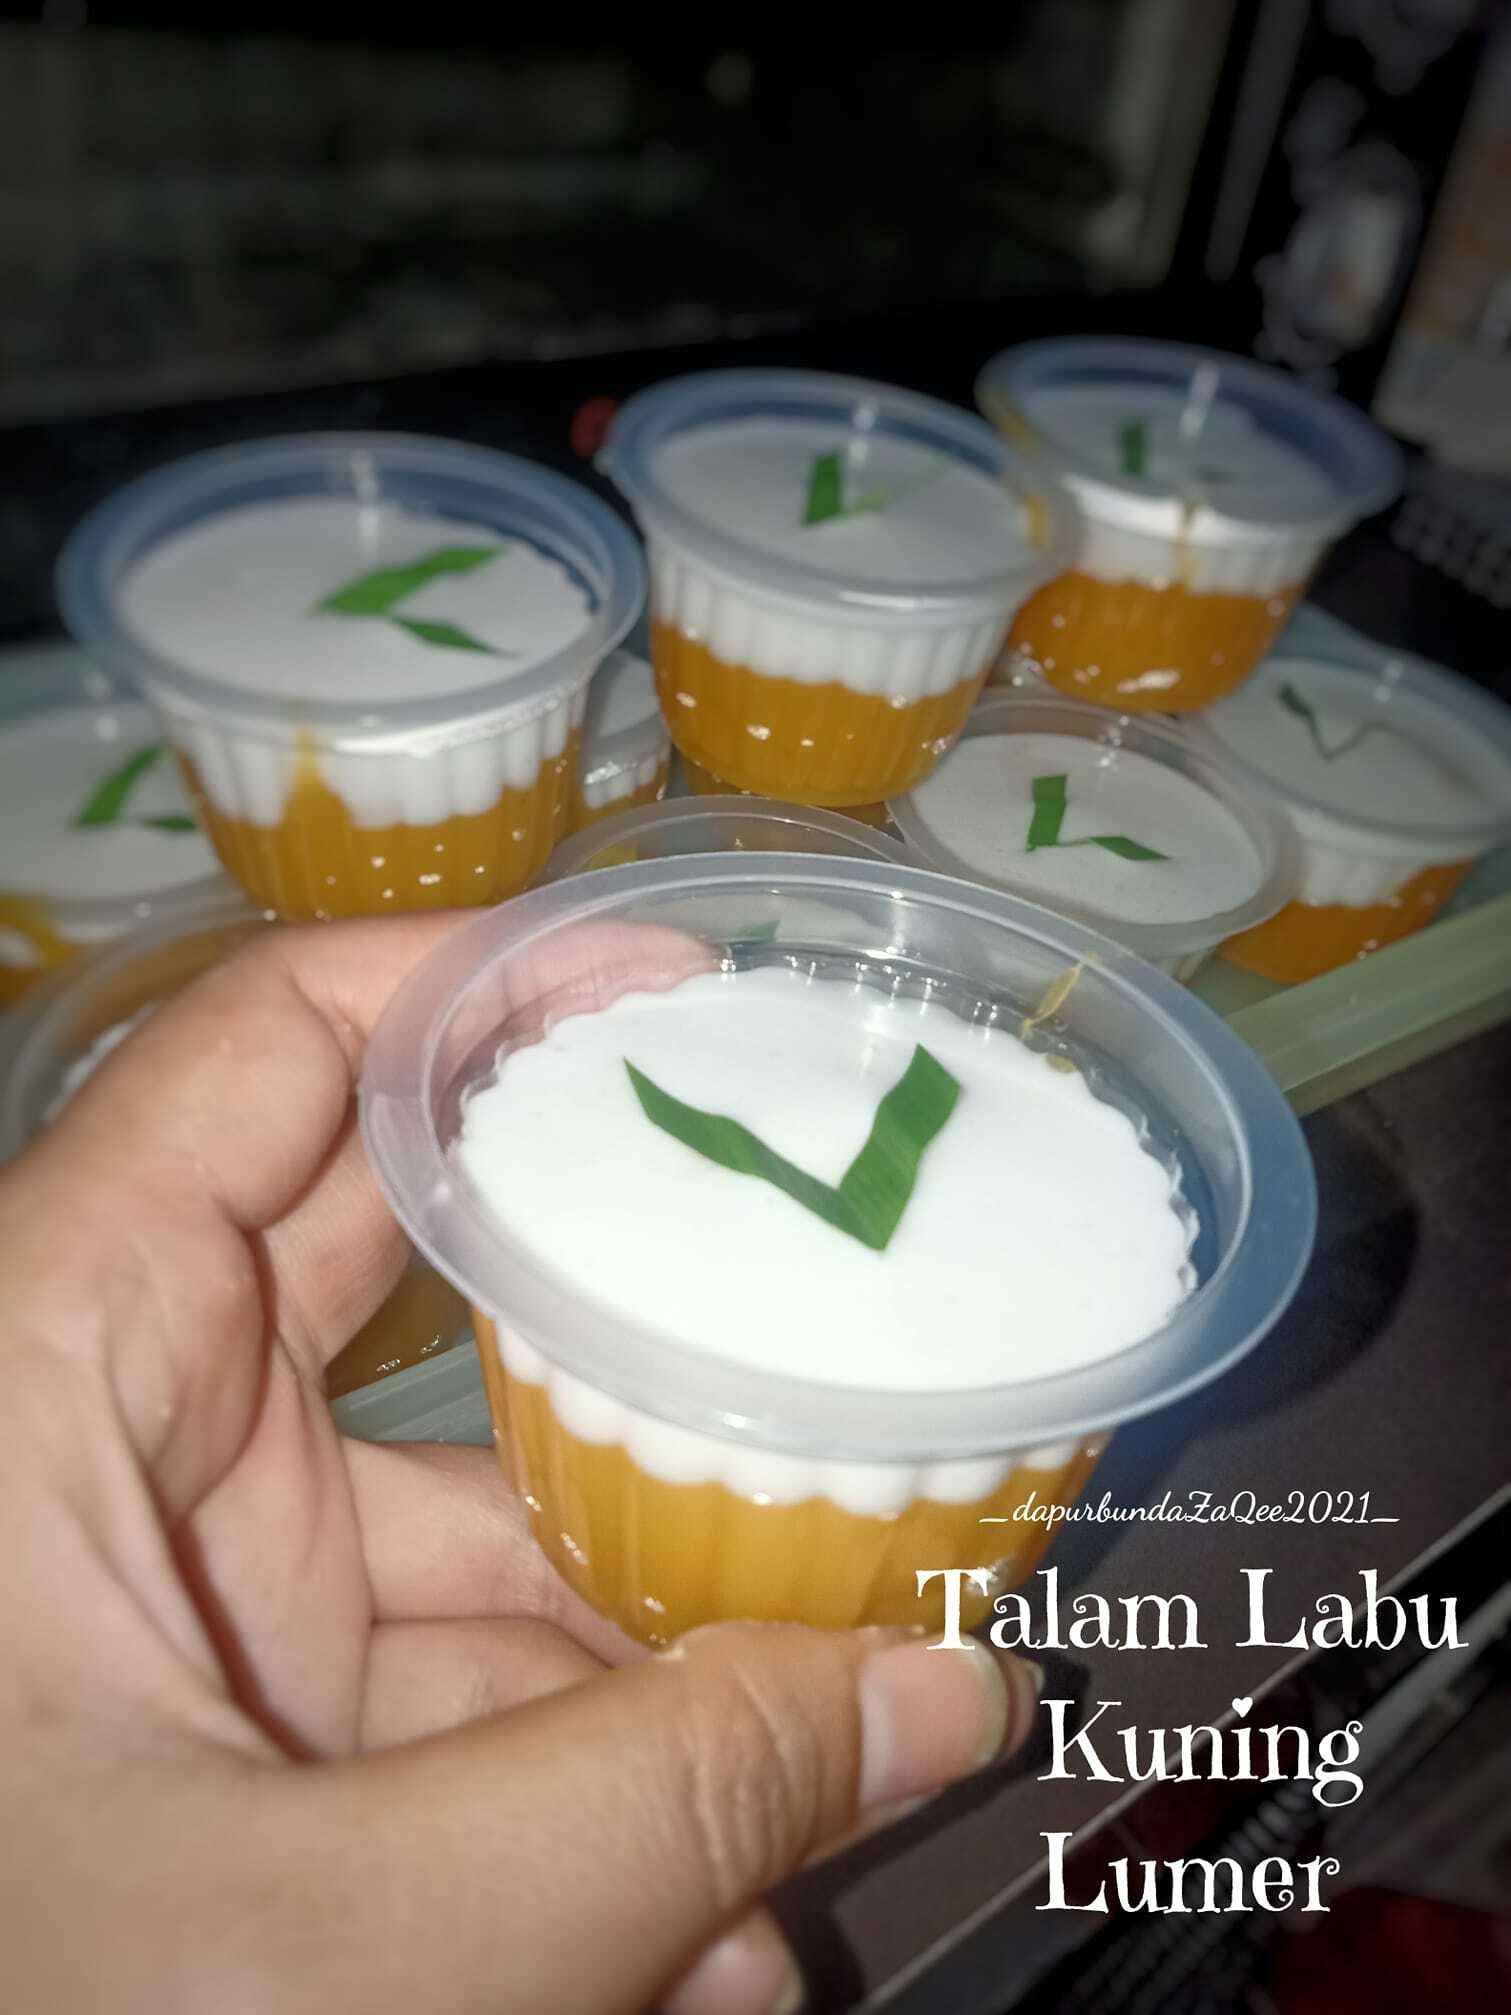 Talam Labu kuning lumer by Weni Erwiningtyas